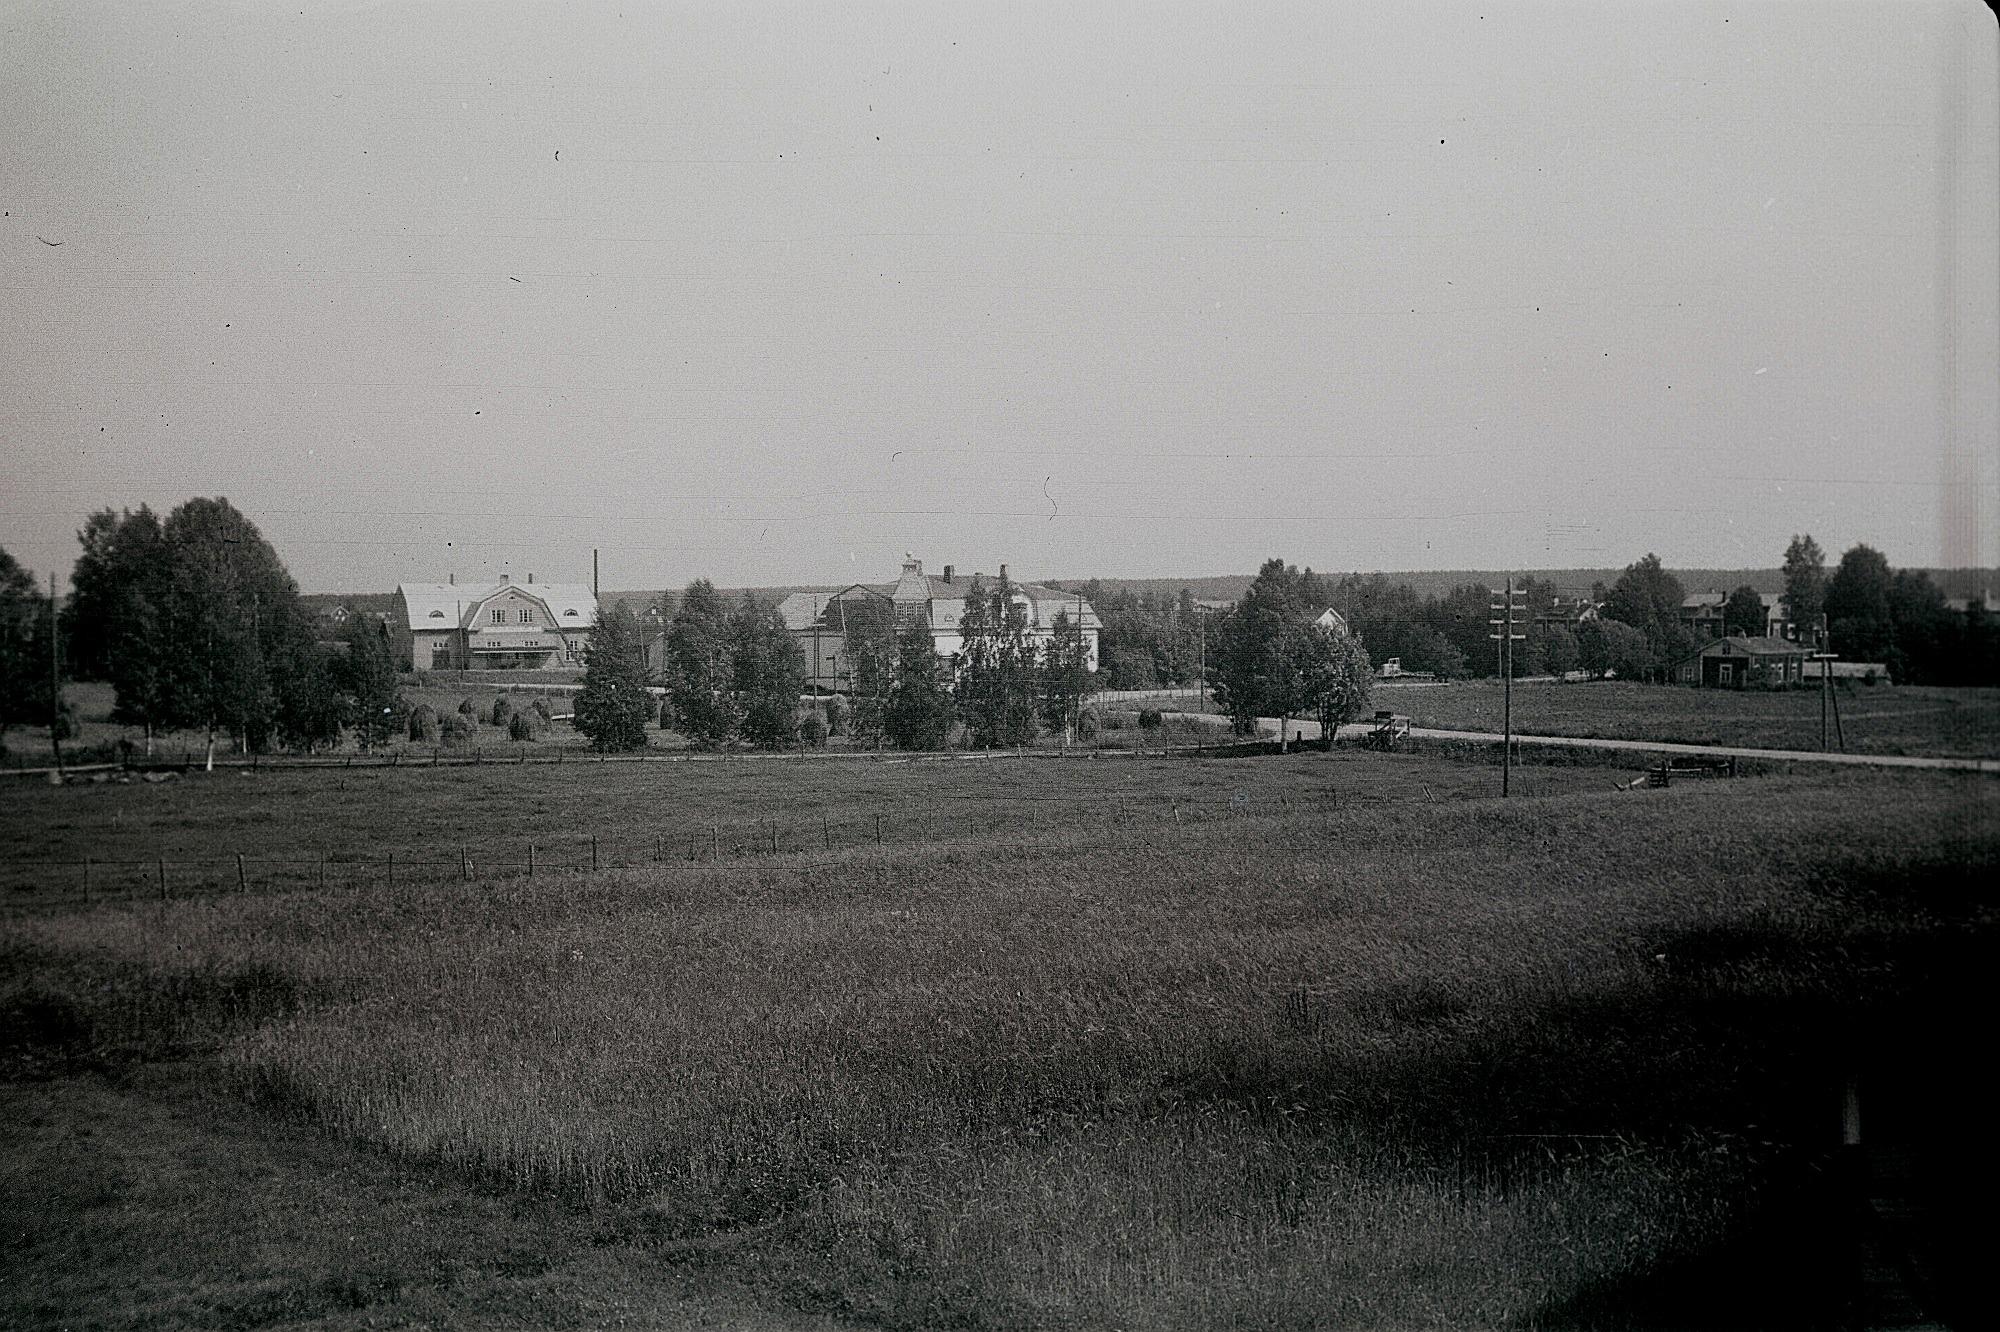 Till vänster Dagsmark Andelsmejeri byggt 1929, mitt i bild Storkull affärshus byggt 1916. Huset till höger byggde Broberg i tiderna och sedan bodde Glas-Kajs där.